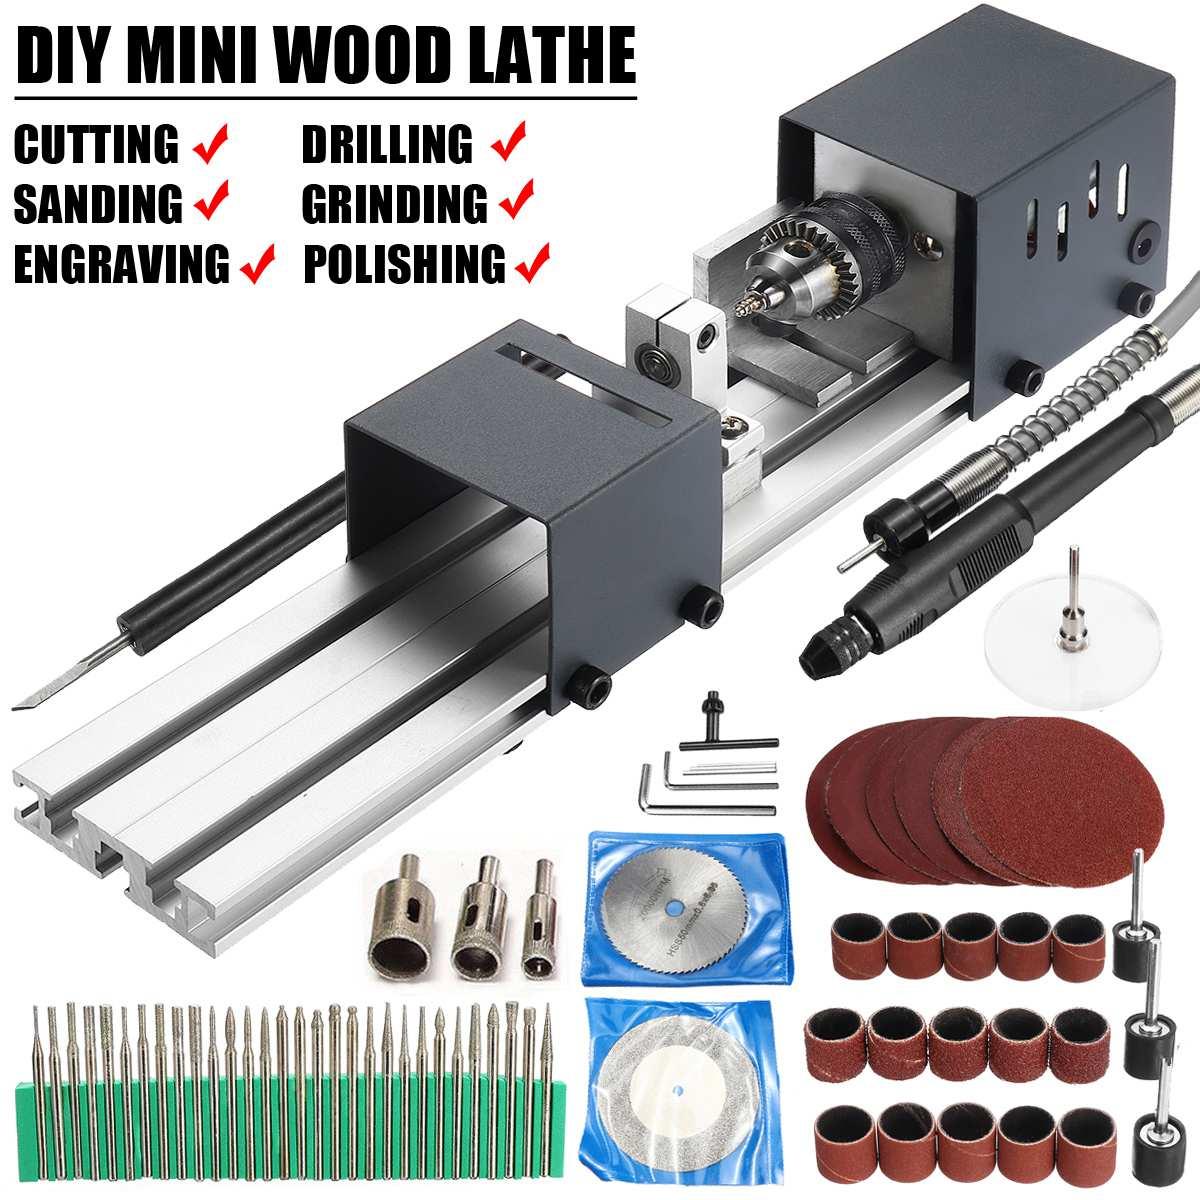 24V 80W Mini Drehmaschine Perlen Maschine Polierer Tisch Sah Mini DIY Holzbearbeitung Drehmaschine Dreh Werkzeug Kit Zubehör